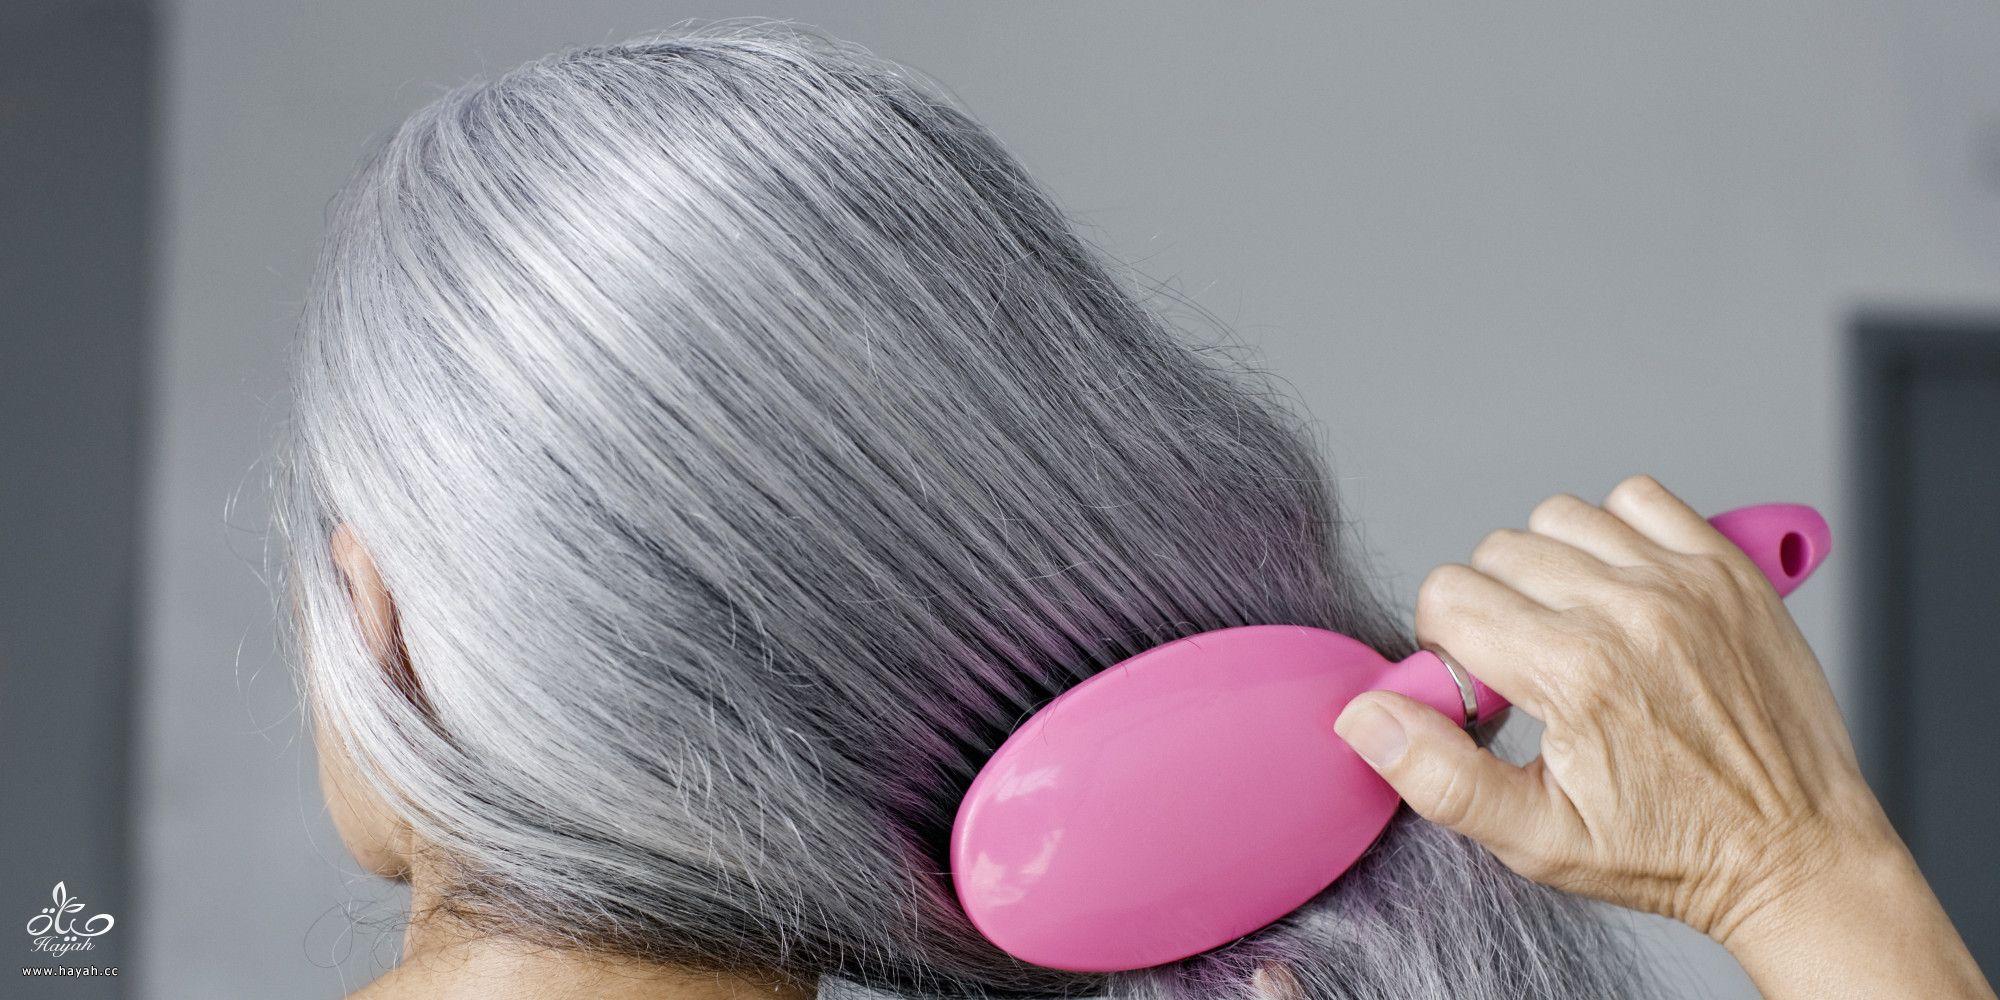 التغذية الغير صحية والتدخين يُشيب الشعر hayahcc_1423470573_748.jpg